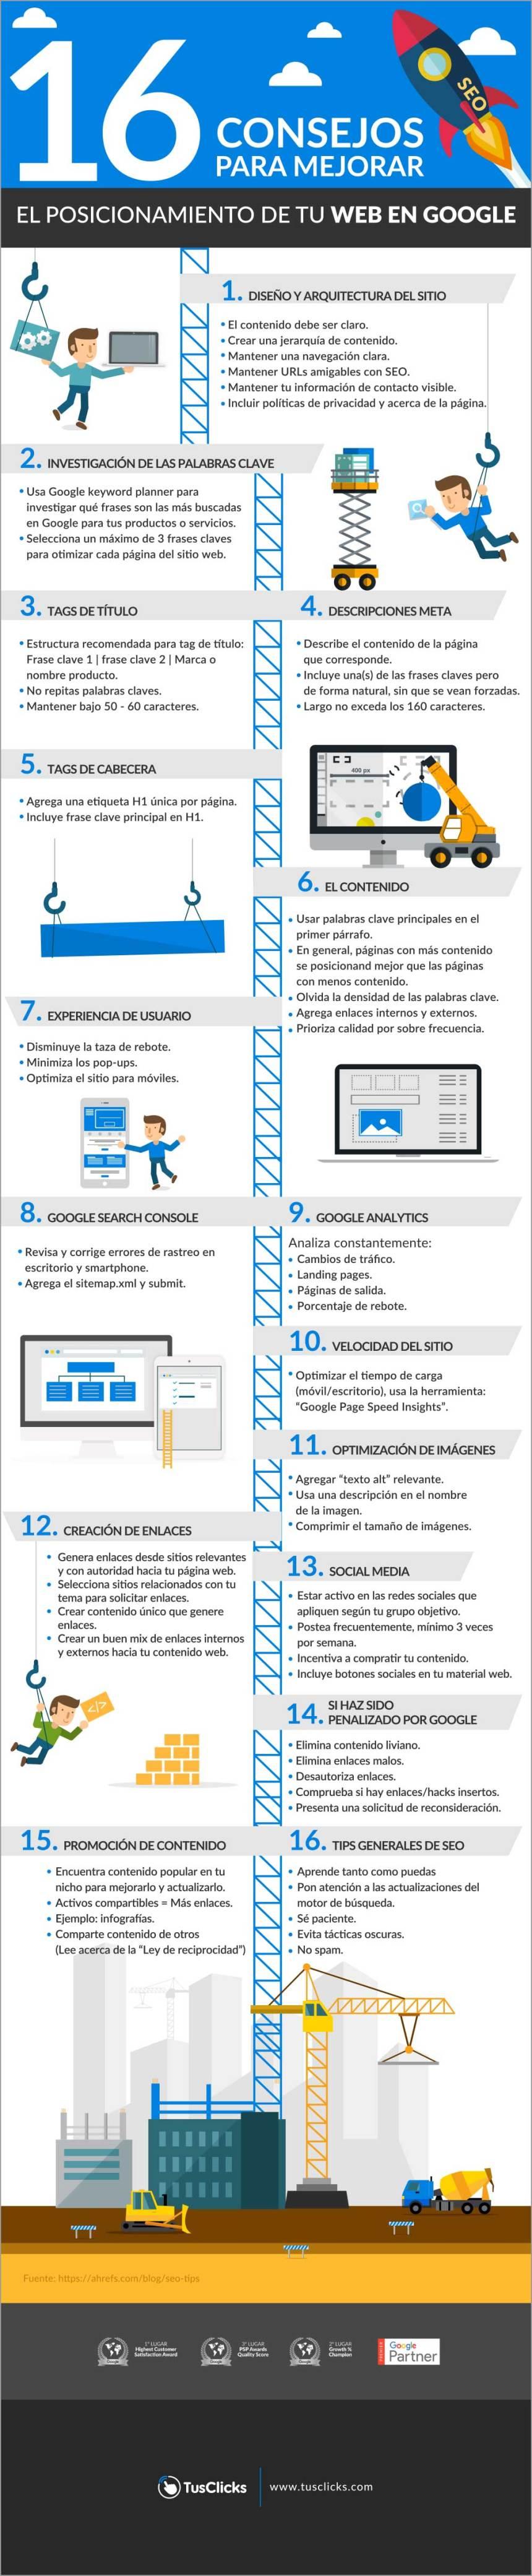 16 consejos para mejorar el posicionamiento de tu web en Google